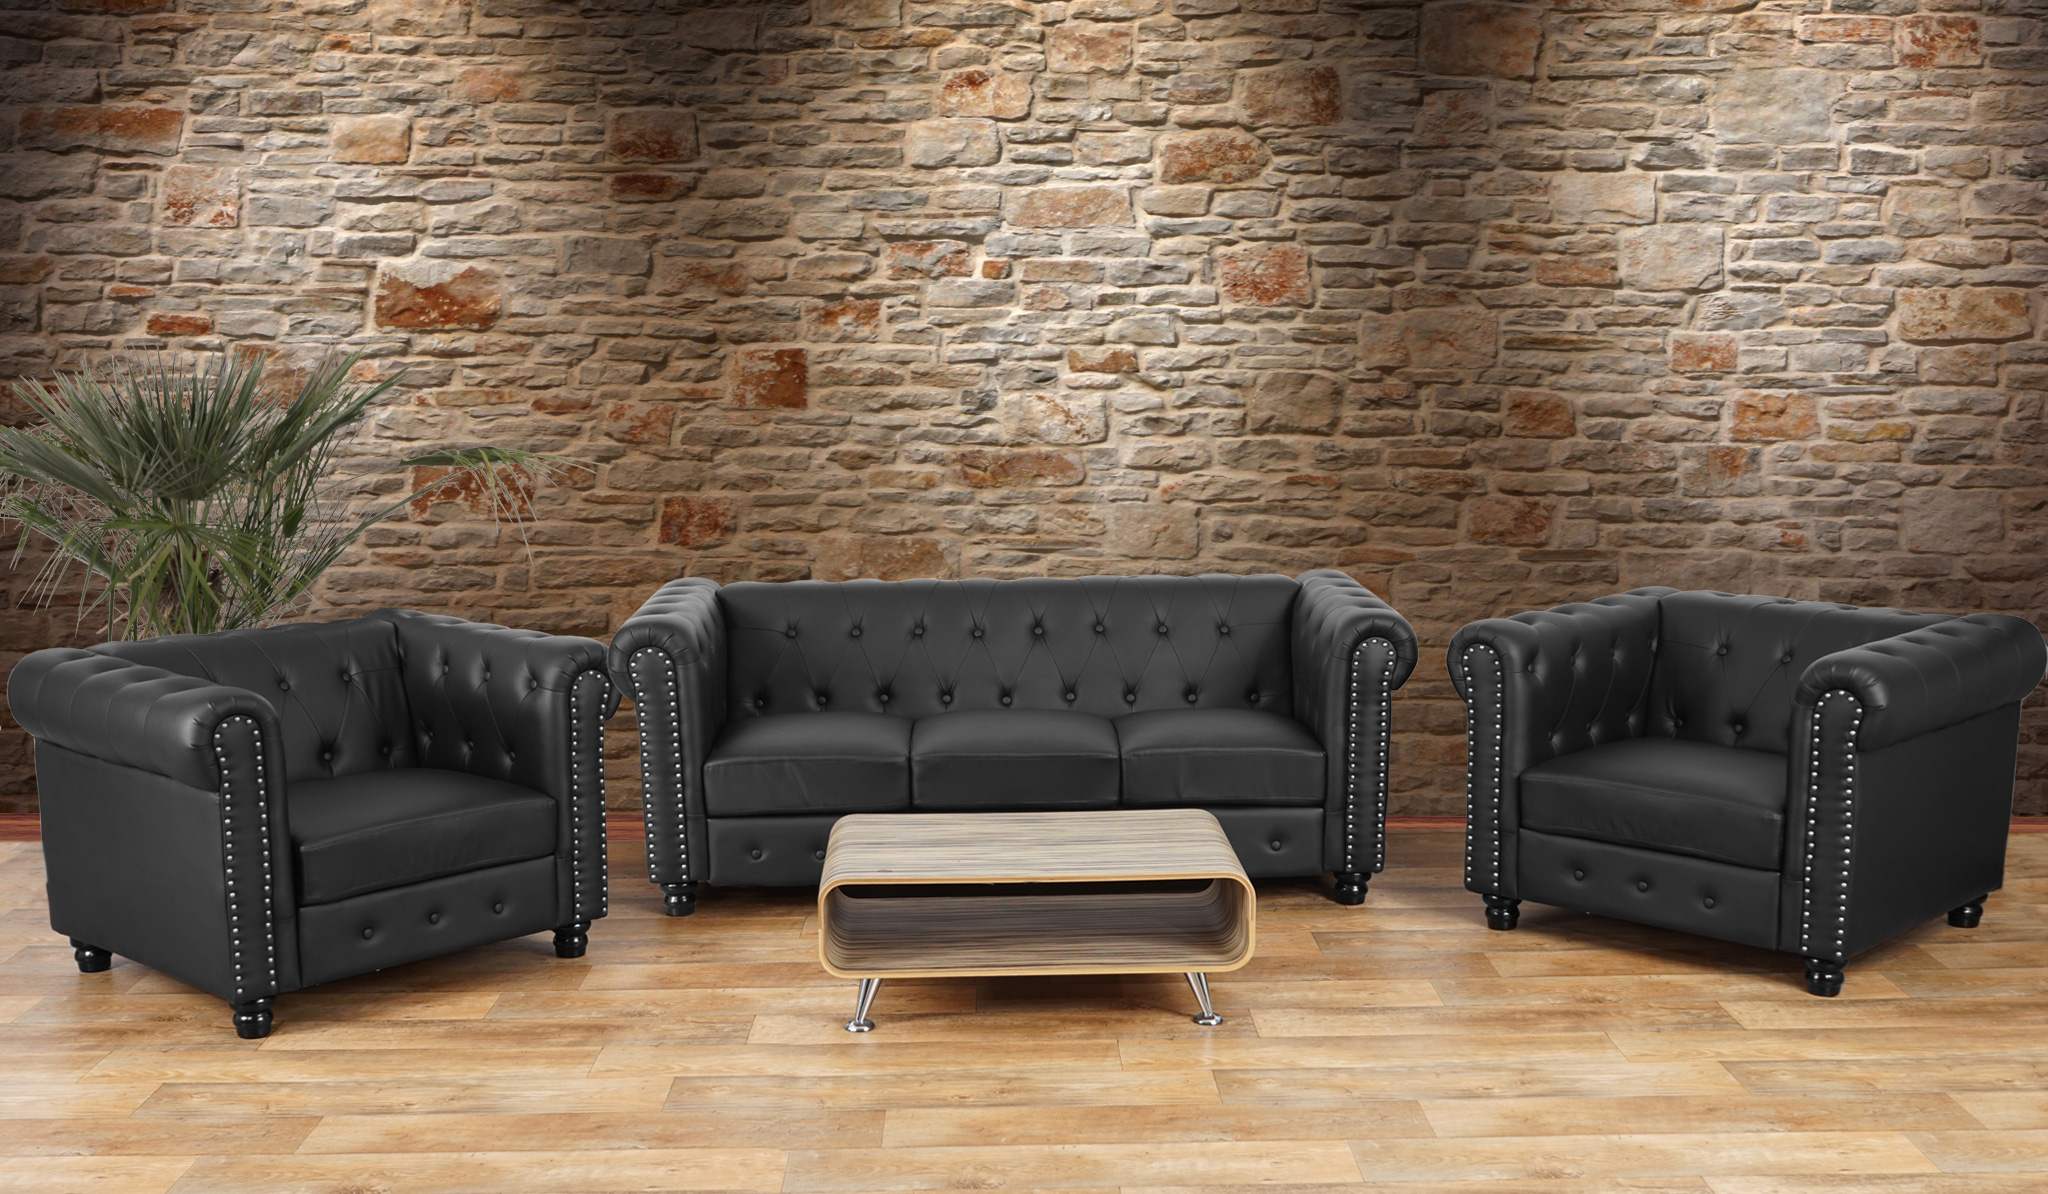 luxus 3 1 1 sofagarnitur couchgarnitur loungesofa chesterfield kunstleder runde f e schwarz. Black Bedroom Furniture Sets. Home Design Ideas